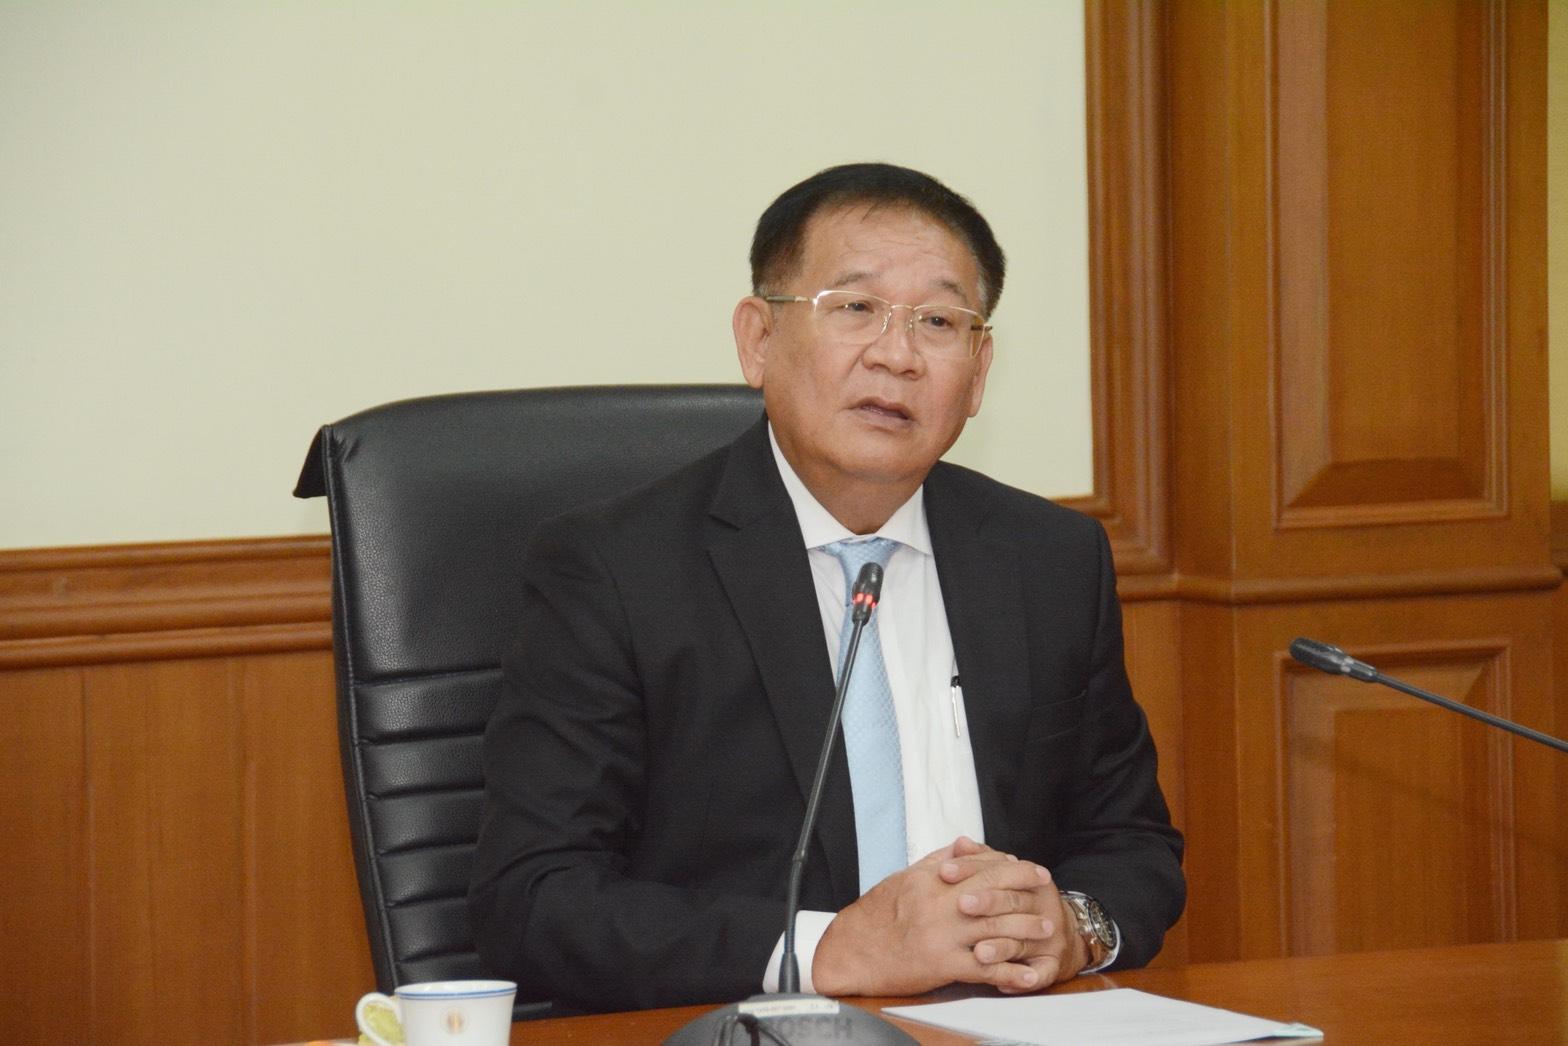 กรมการจัดหางานร่วมหารือสมาคมการจัดหางานไทยไปต่างประเทศ พร้อมทำงานร่วมกันในรูปแบบประชารัฐ